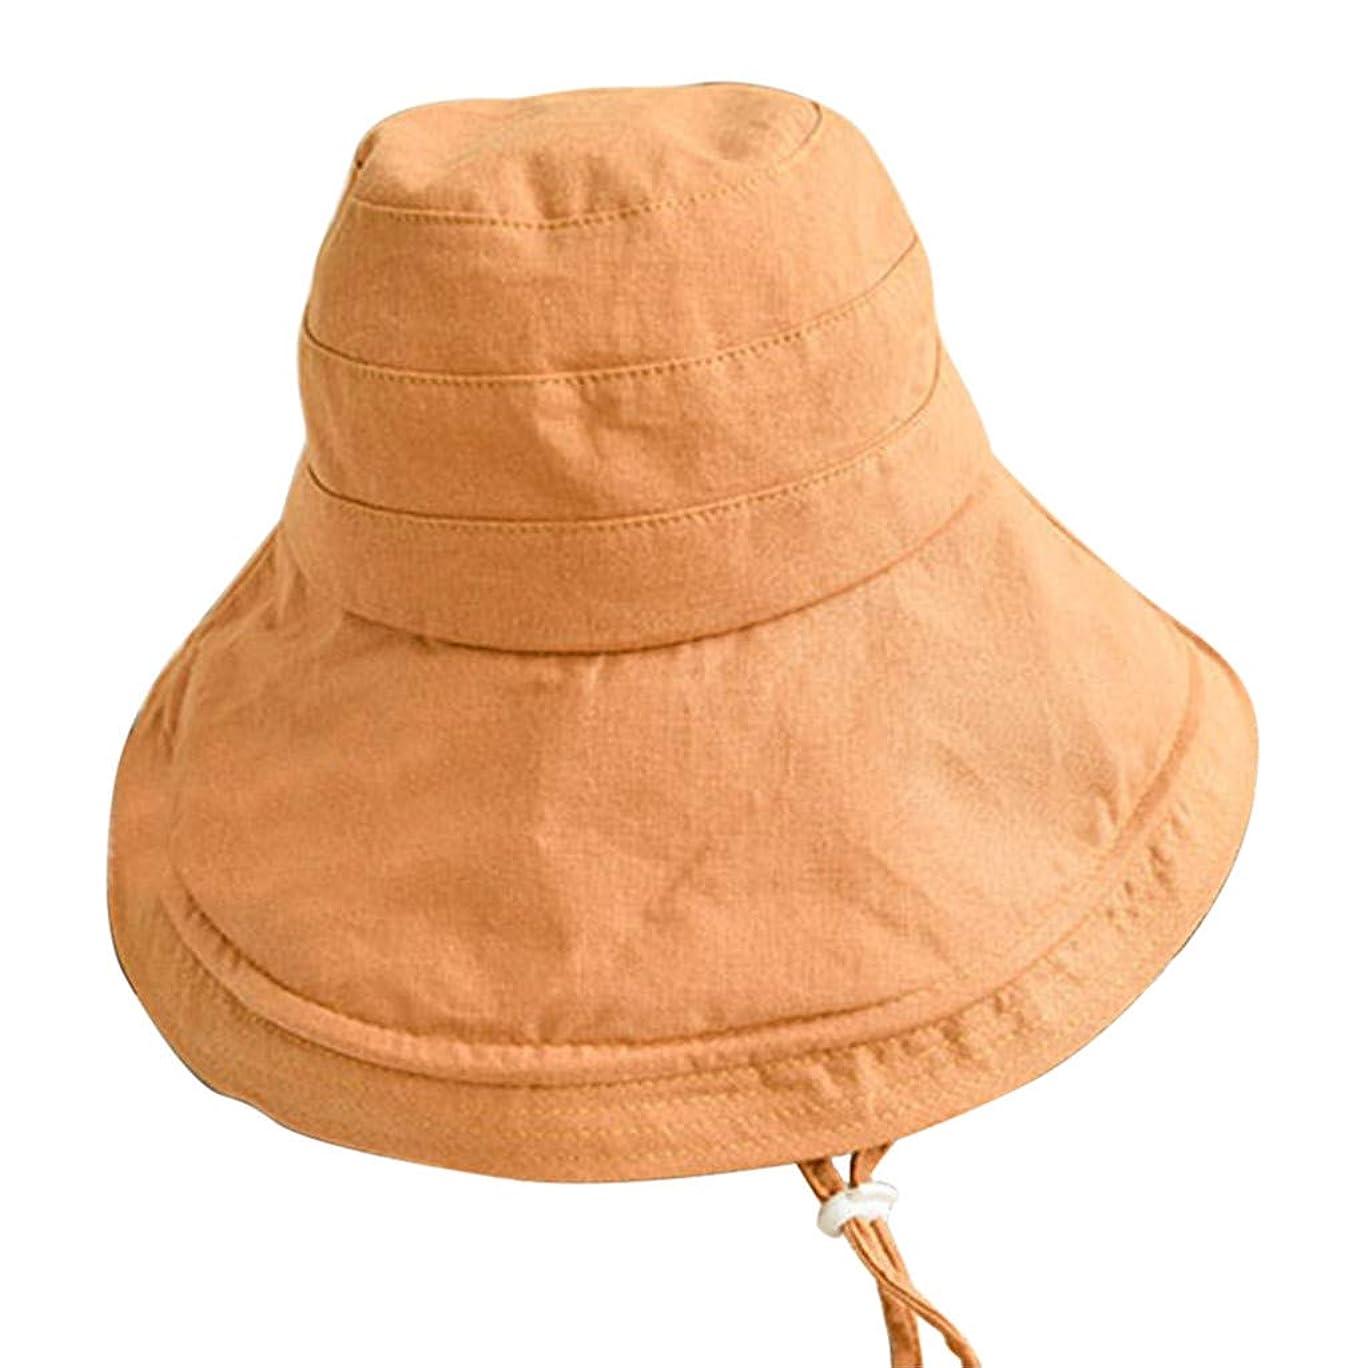 刃交通渋滞自分の女性 帽子 レディース 夏 キャップ 漁師の帽子 女子 ハット 日よけ 夏季 つば広 おしゃれ 女優帽 小顔効果抜群 紫外線対策 サマーニットキャップ 折りたたみ サイズ調節可 旅行 薄 店長に ROSE ROMAN